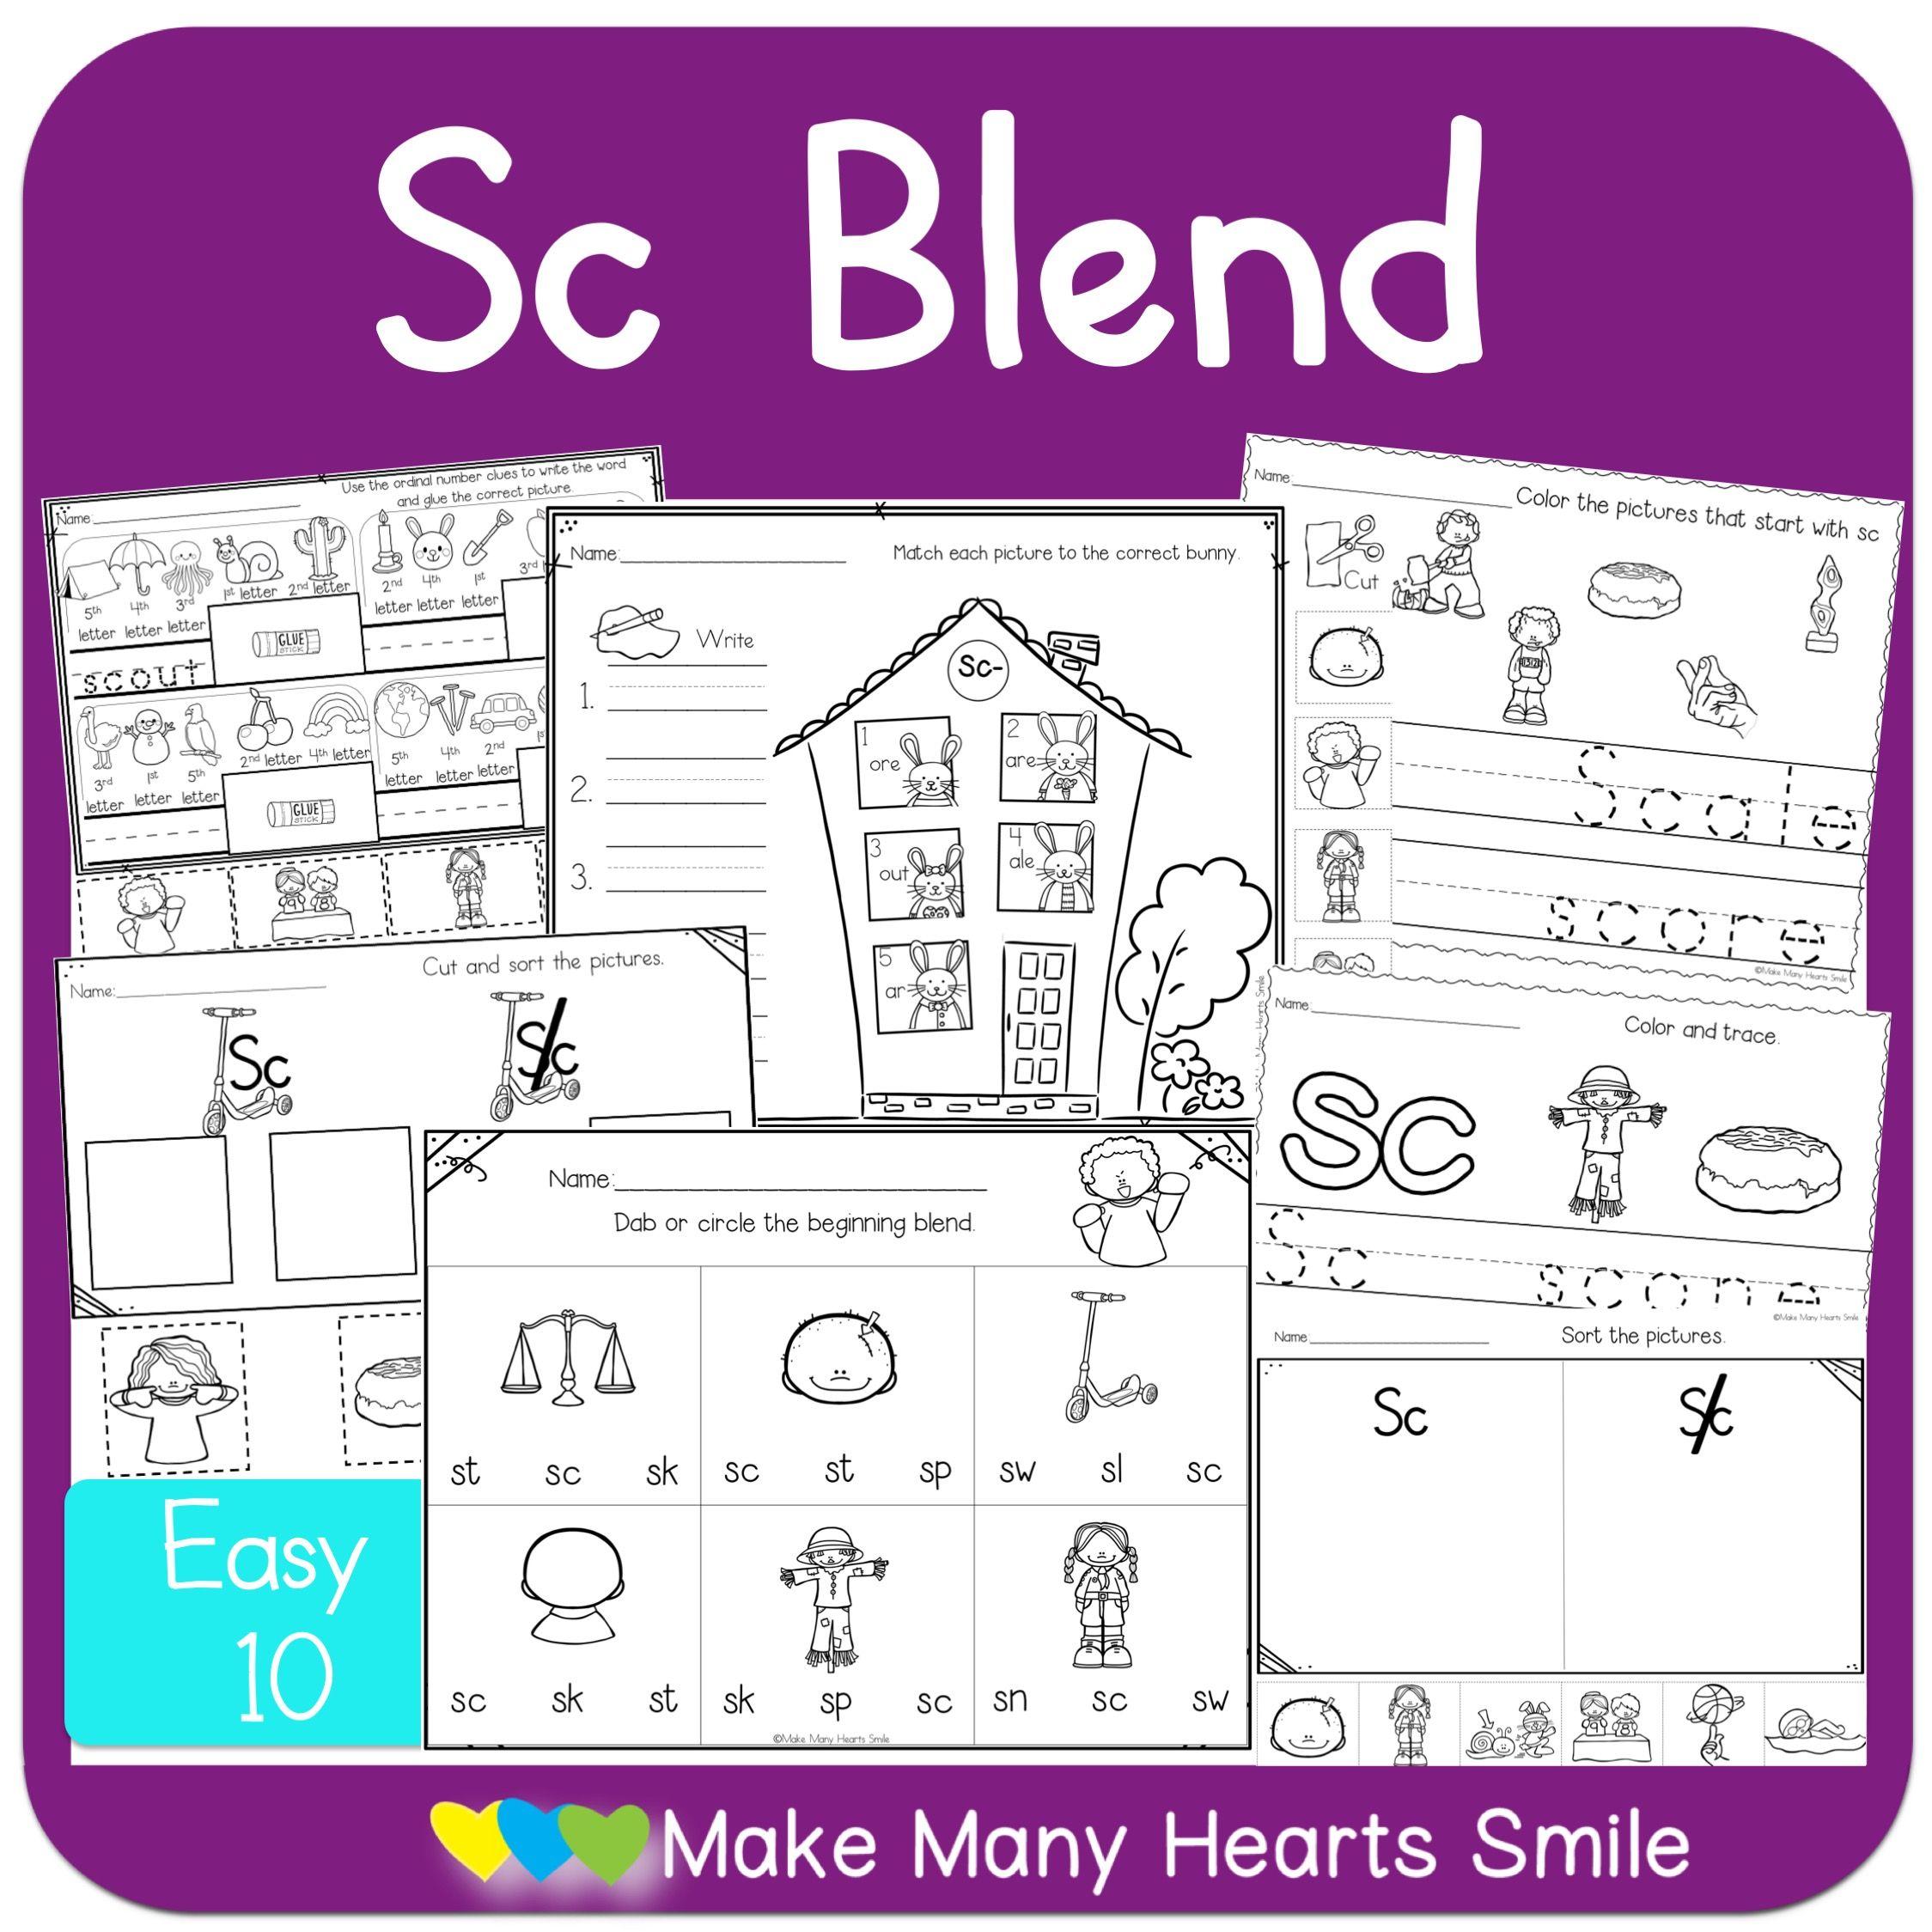 Sc Blend Worksheets Mhs87